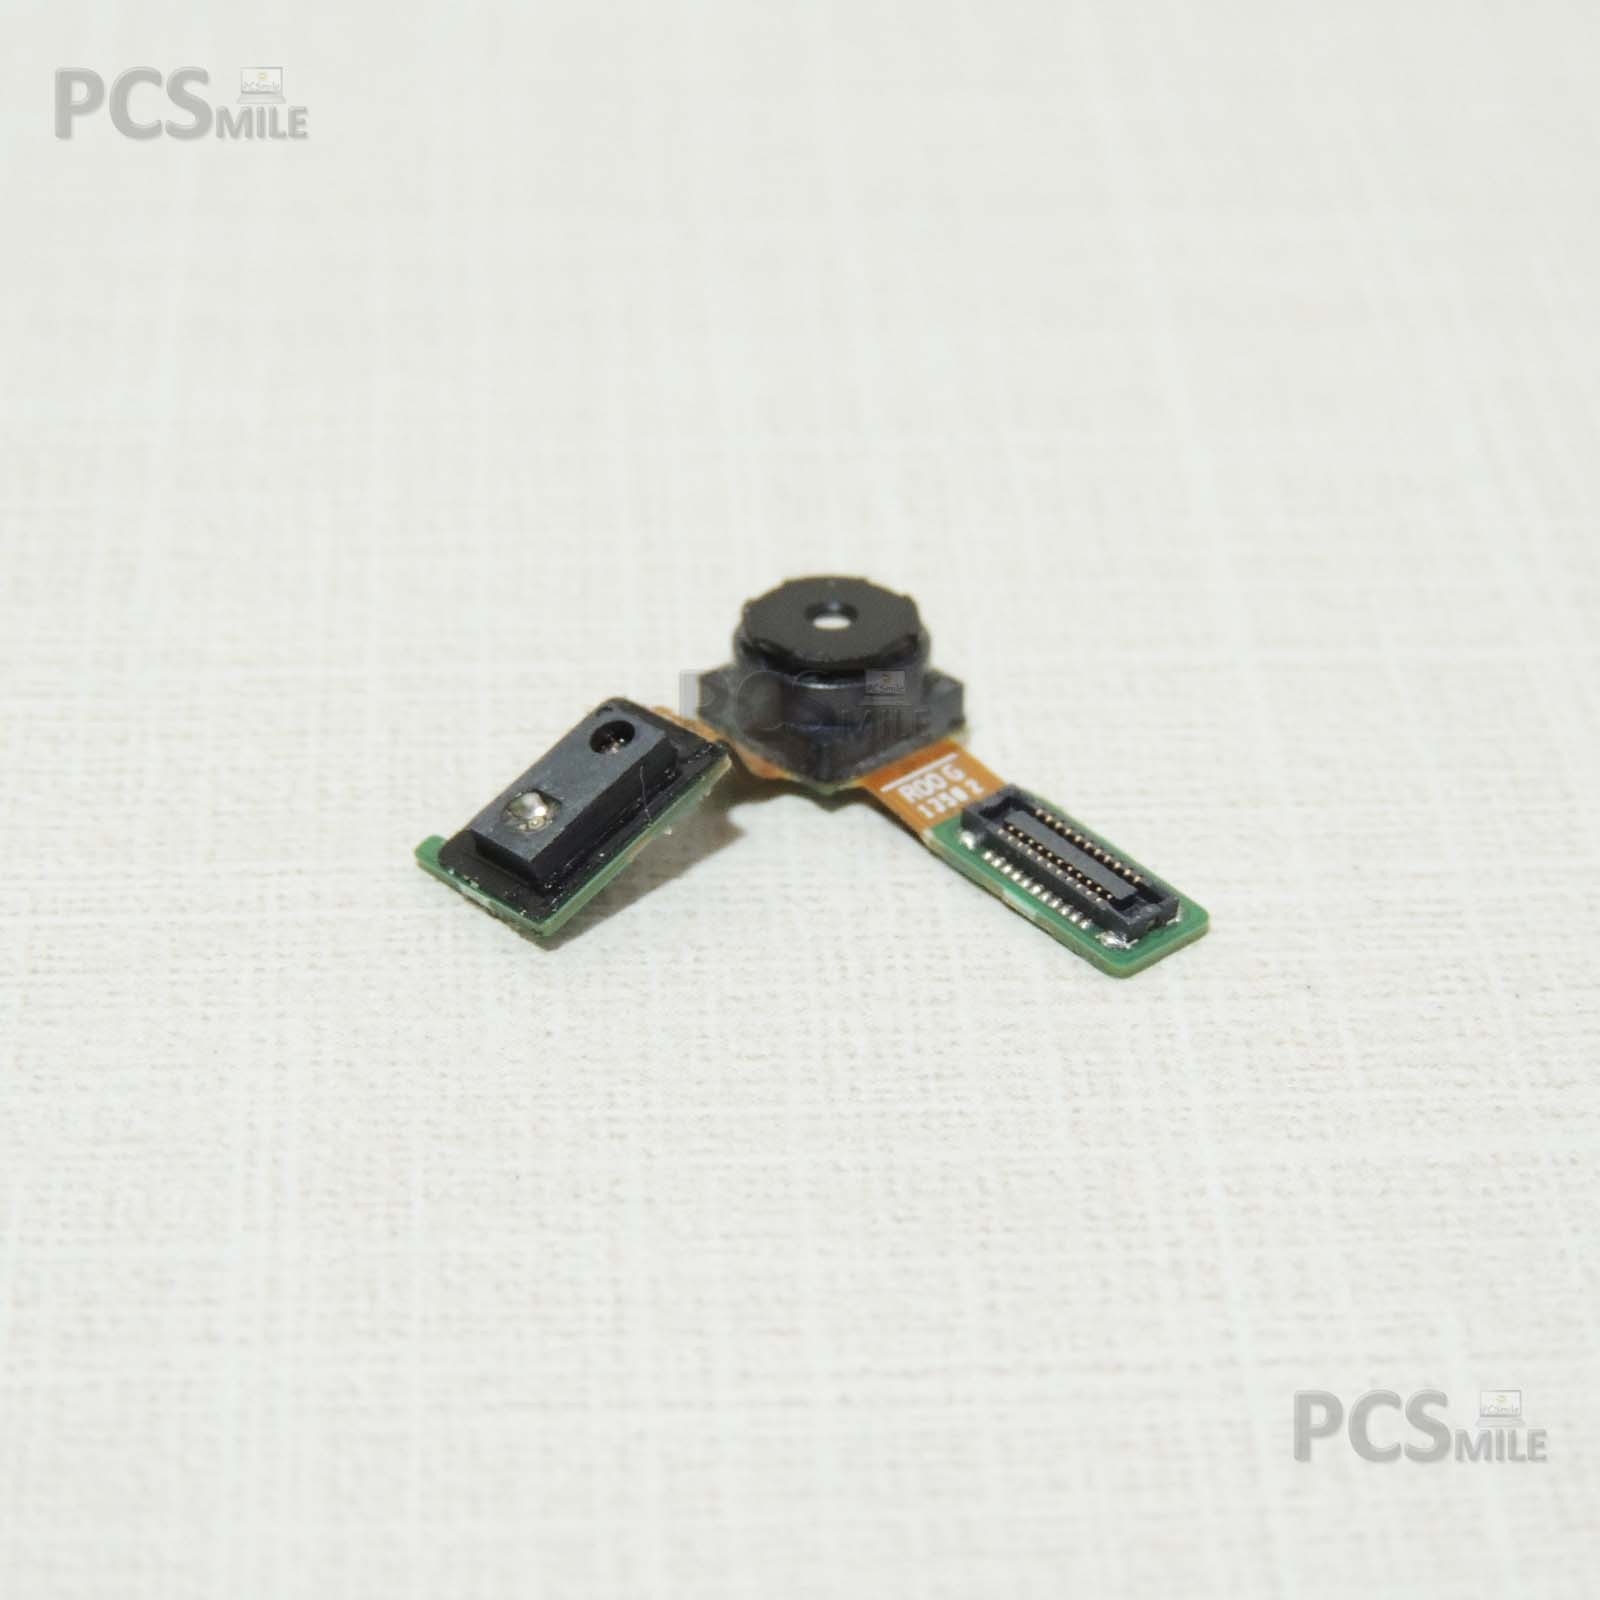 fotocamera anteriore Samsung Galaxy S3 GT-i9300 Galaxy S III sensori prossimità